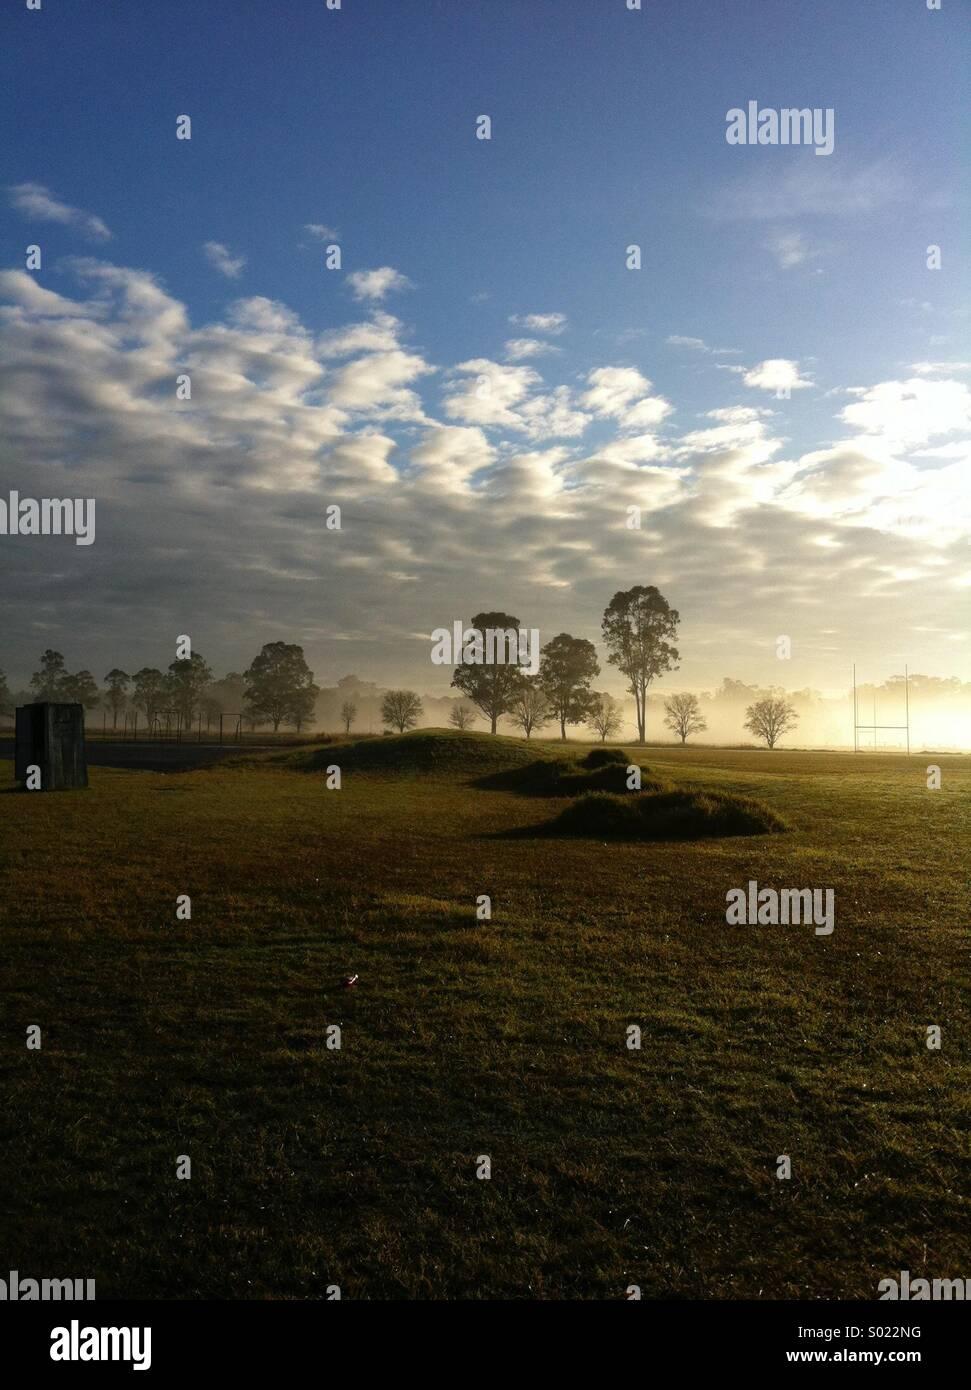 Am frühen Morgen ländliche Szene mit bewölktem Himmel und Rugby Torpfosten Stockfoto